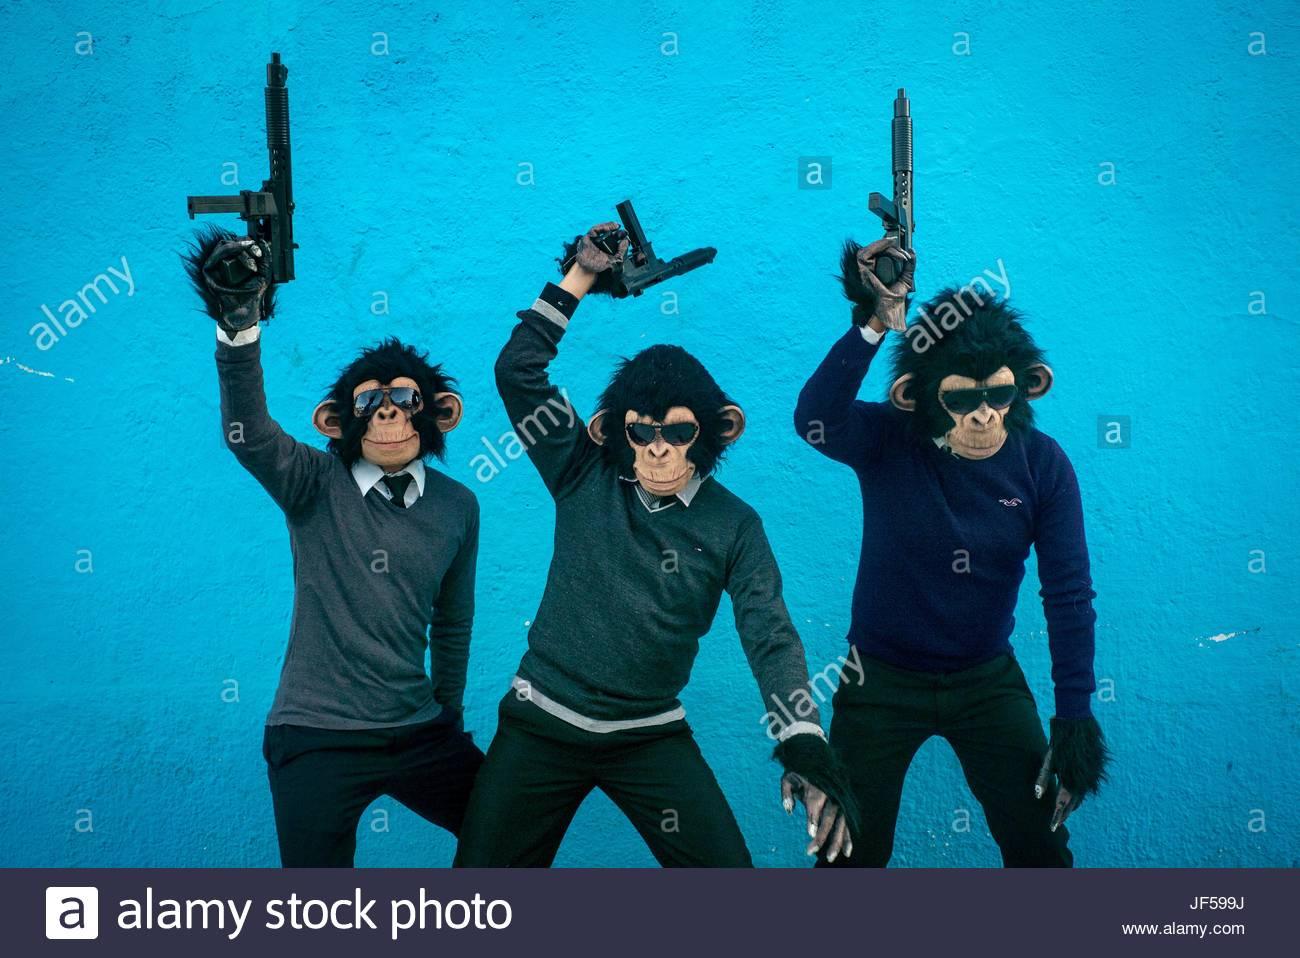 Teilnehmer tragen Affe Schimpanse Kostüme, schwingen Spielzeug Waffen während eines Tages der toten Feier. Stockbild